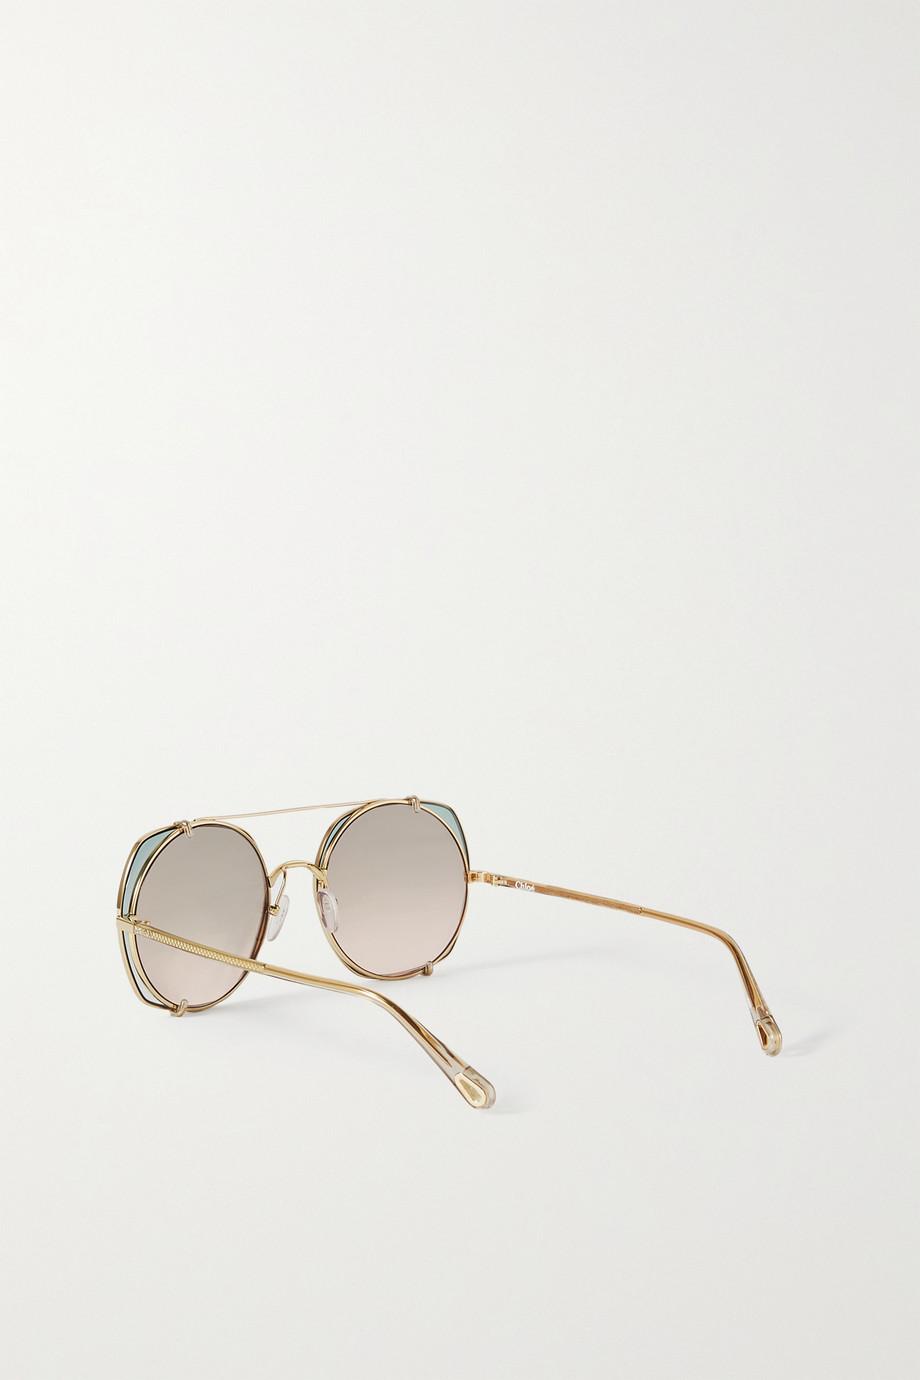 Chloé Goldfarbene Sonnenbrille mit rundem Rahmen